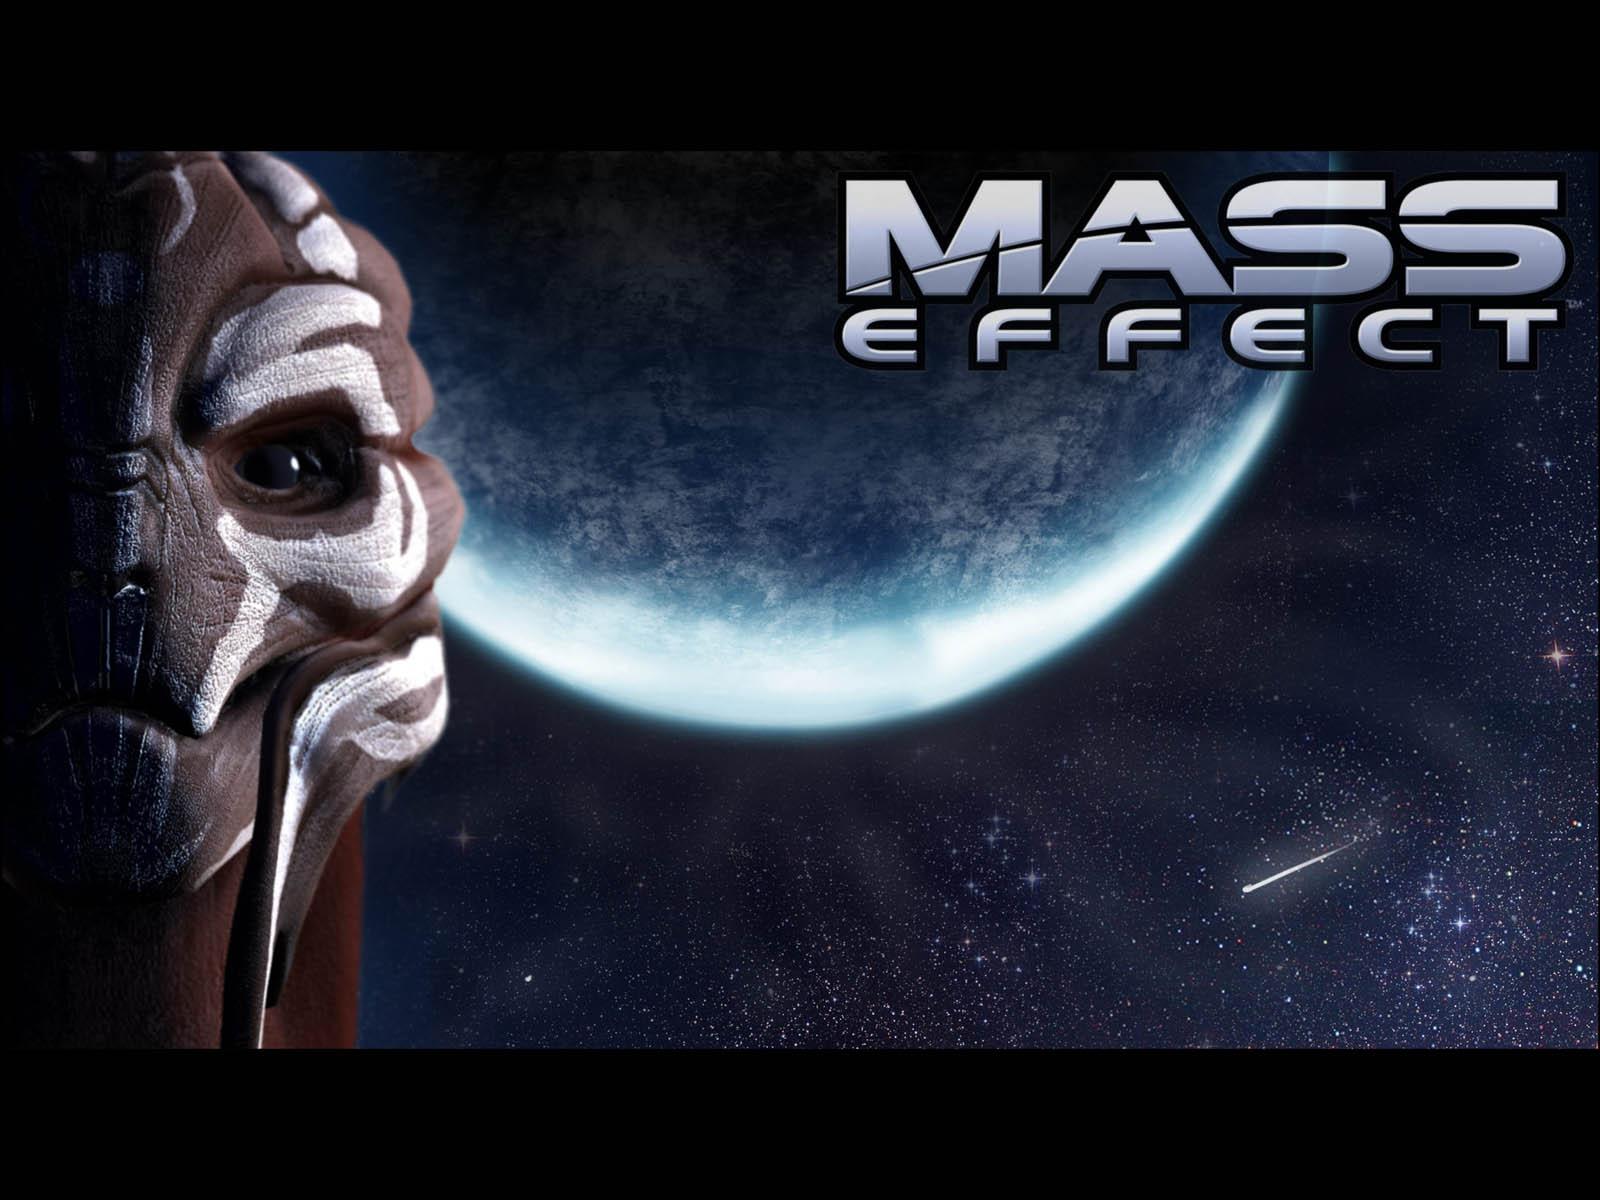 Mass Effect Desktop Backgrounds: Mass Effect Desktop Background